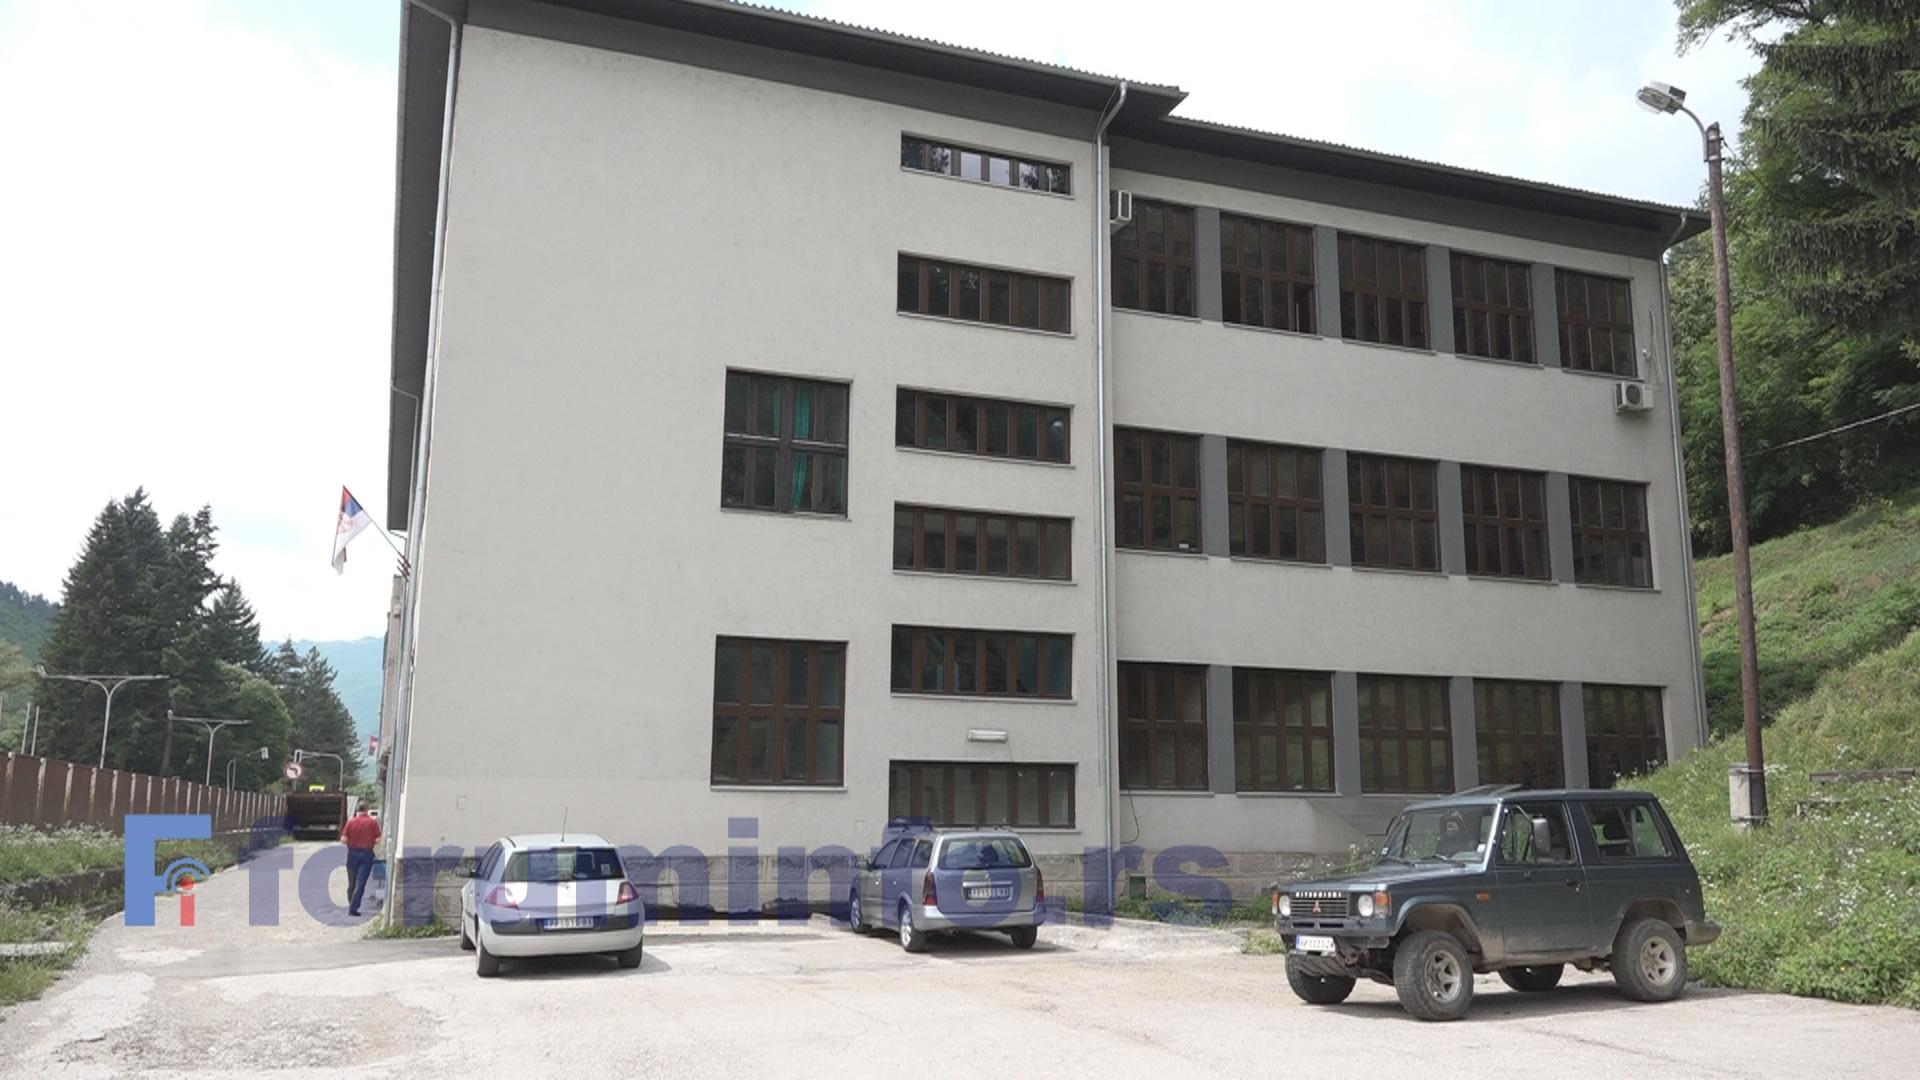 Техничка школа у Пријепољу током лета планира сређивање и асфалтирање дворишта